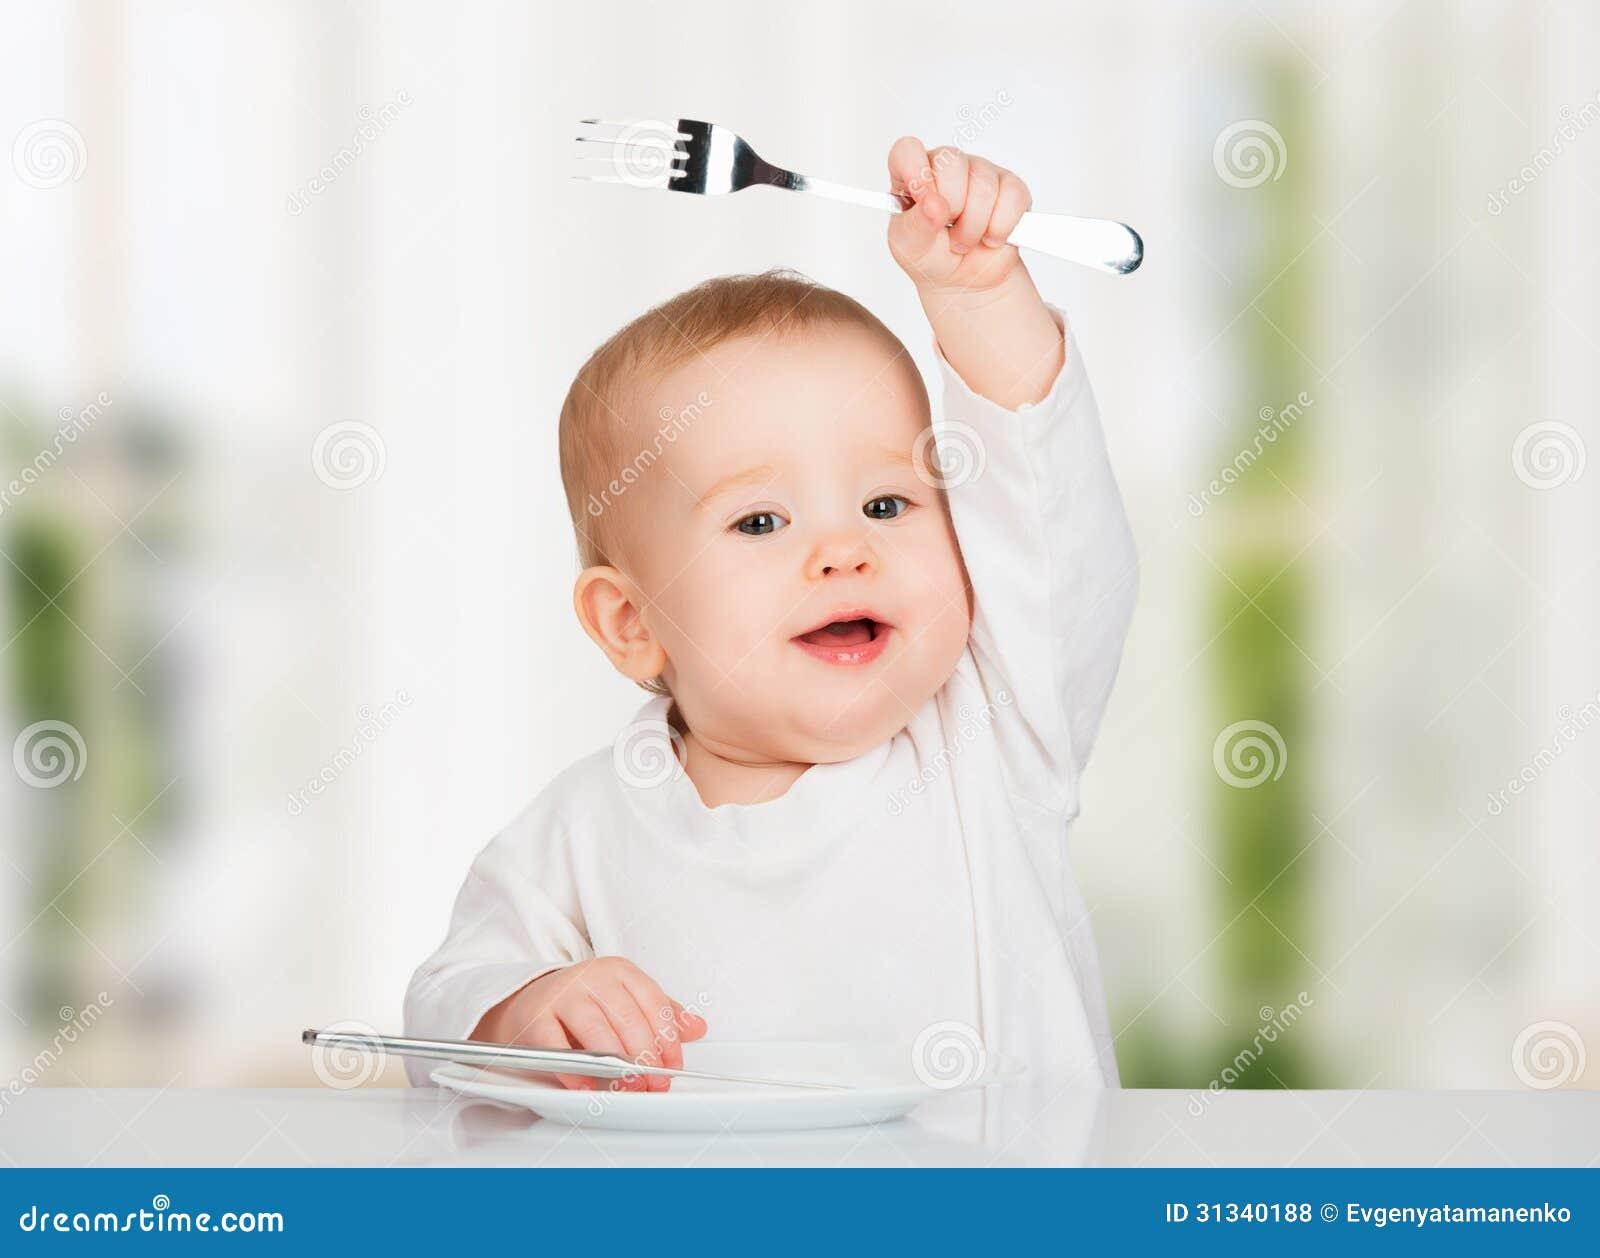 Lustiges Baby mit einem Messer und einer Gabel Nahrung essend